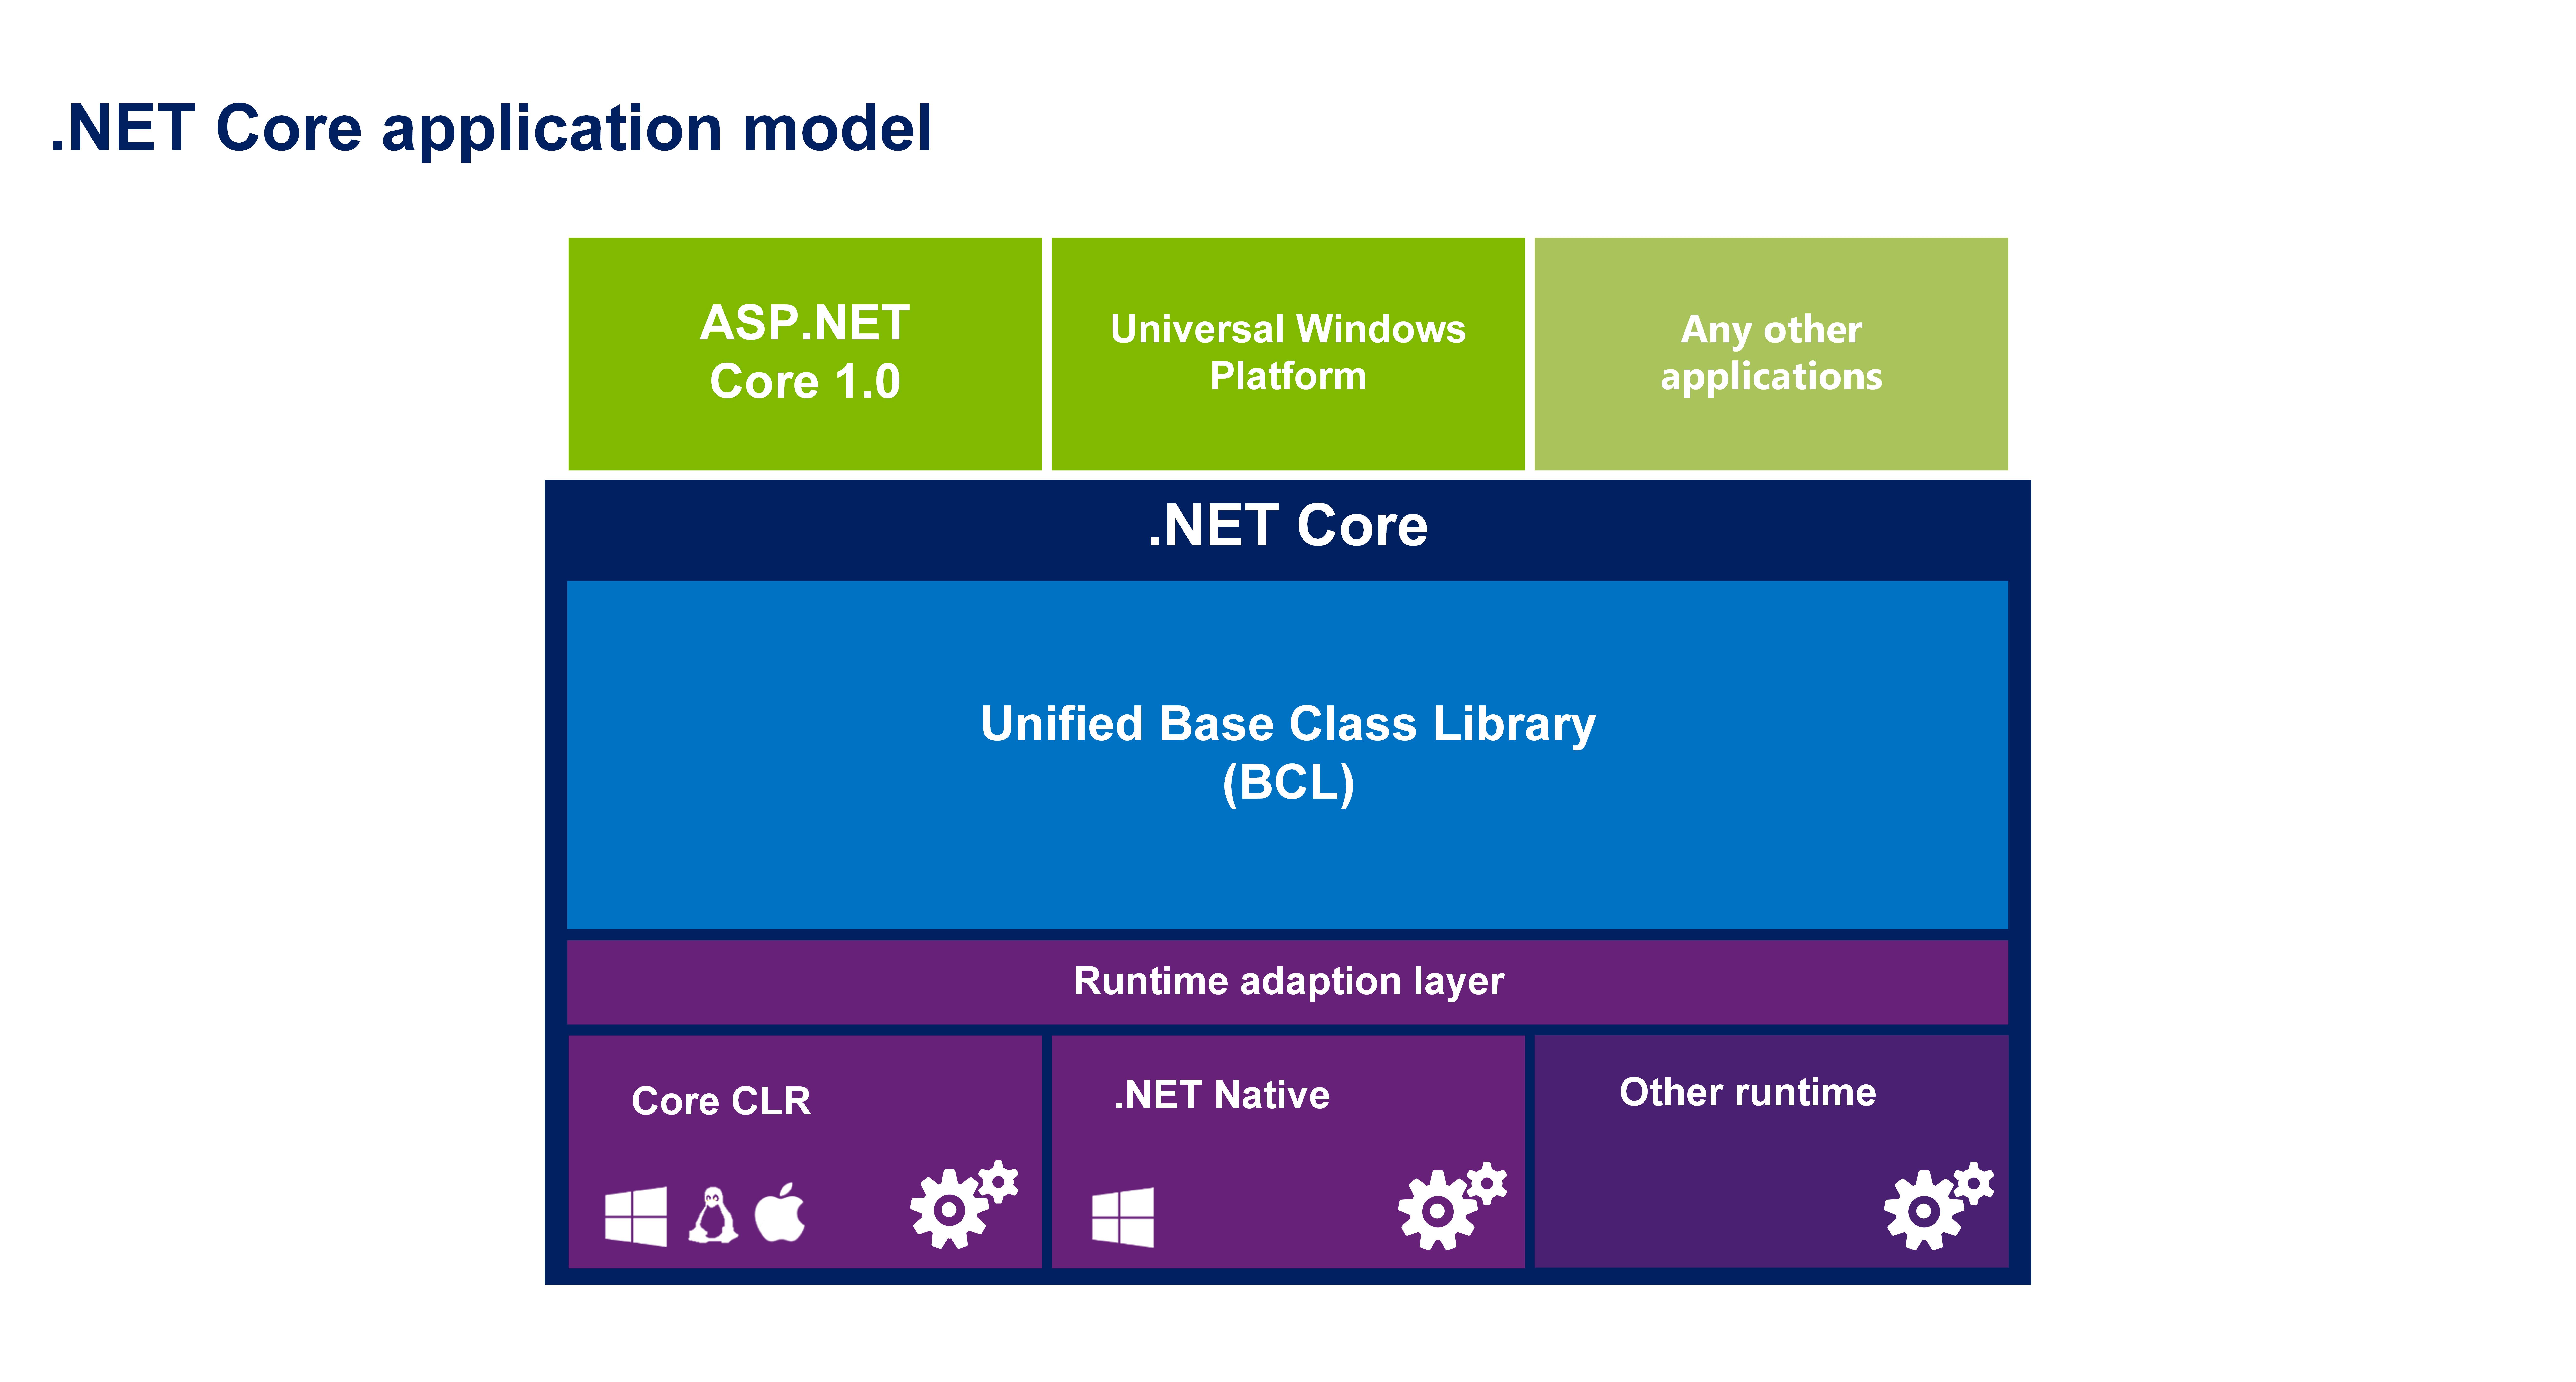 .NET Core application model